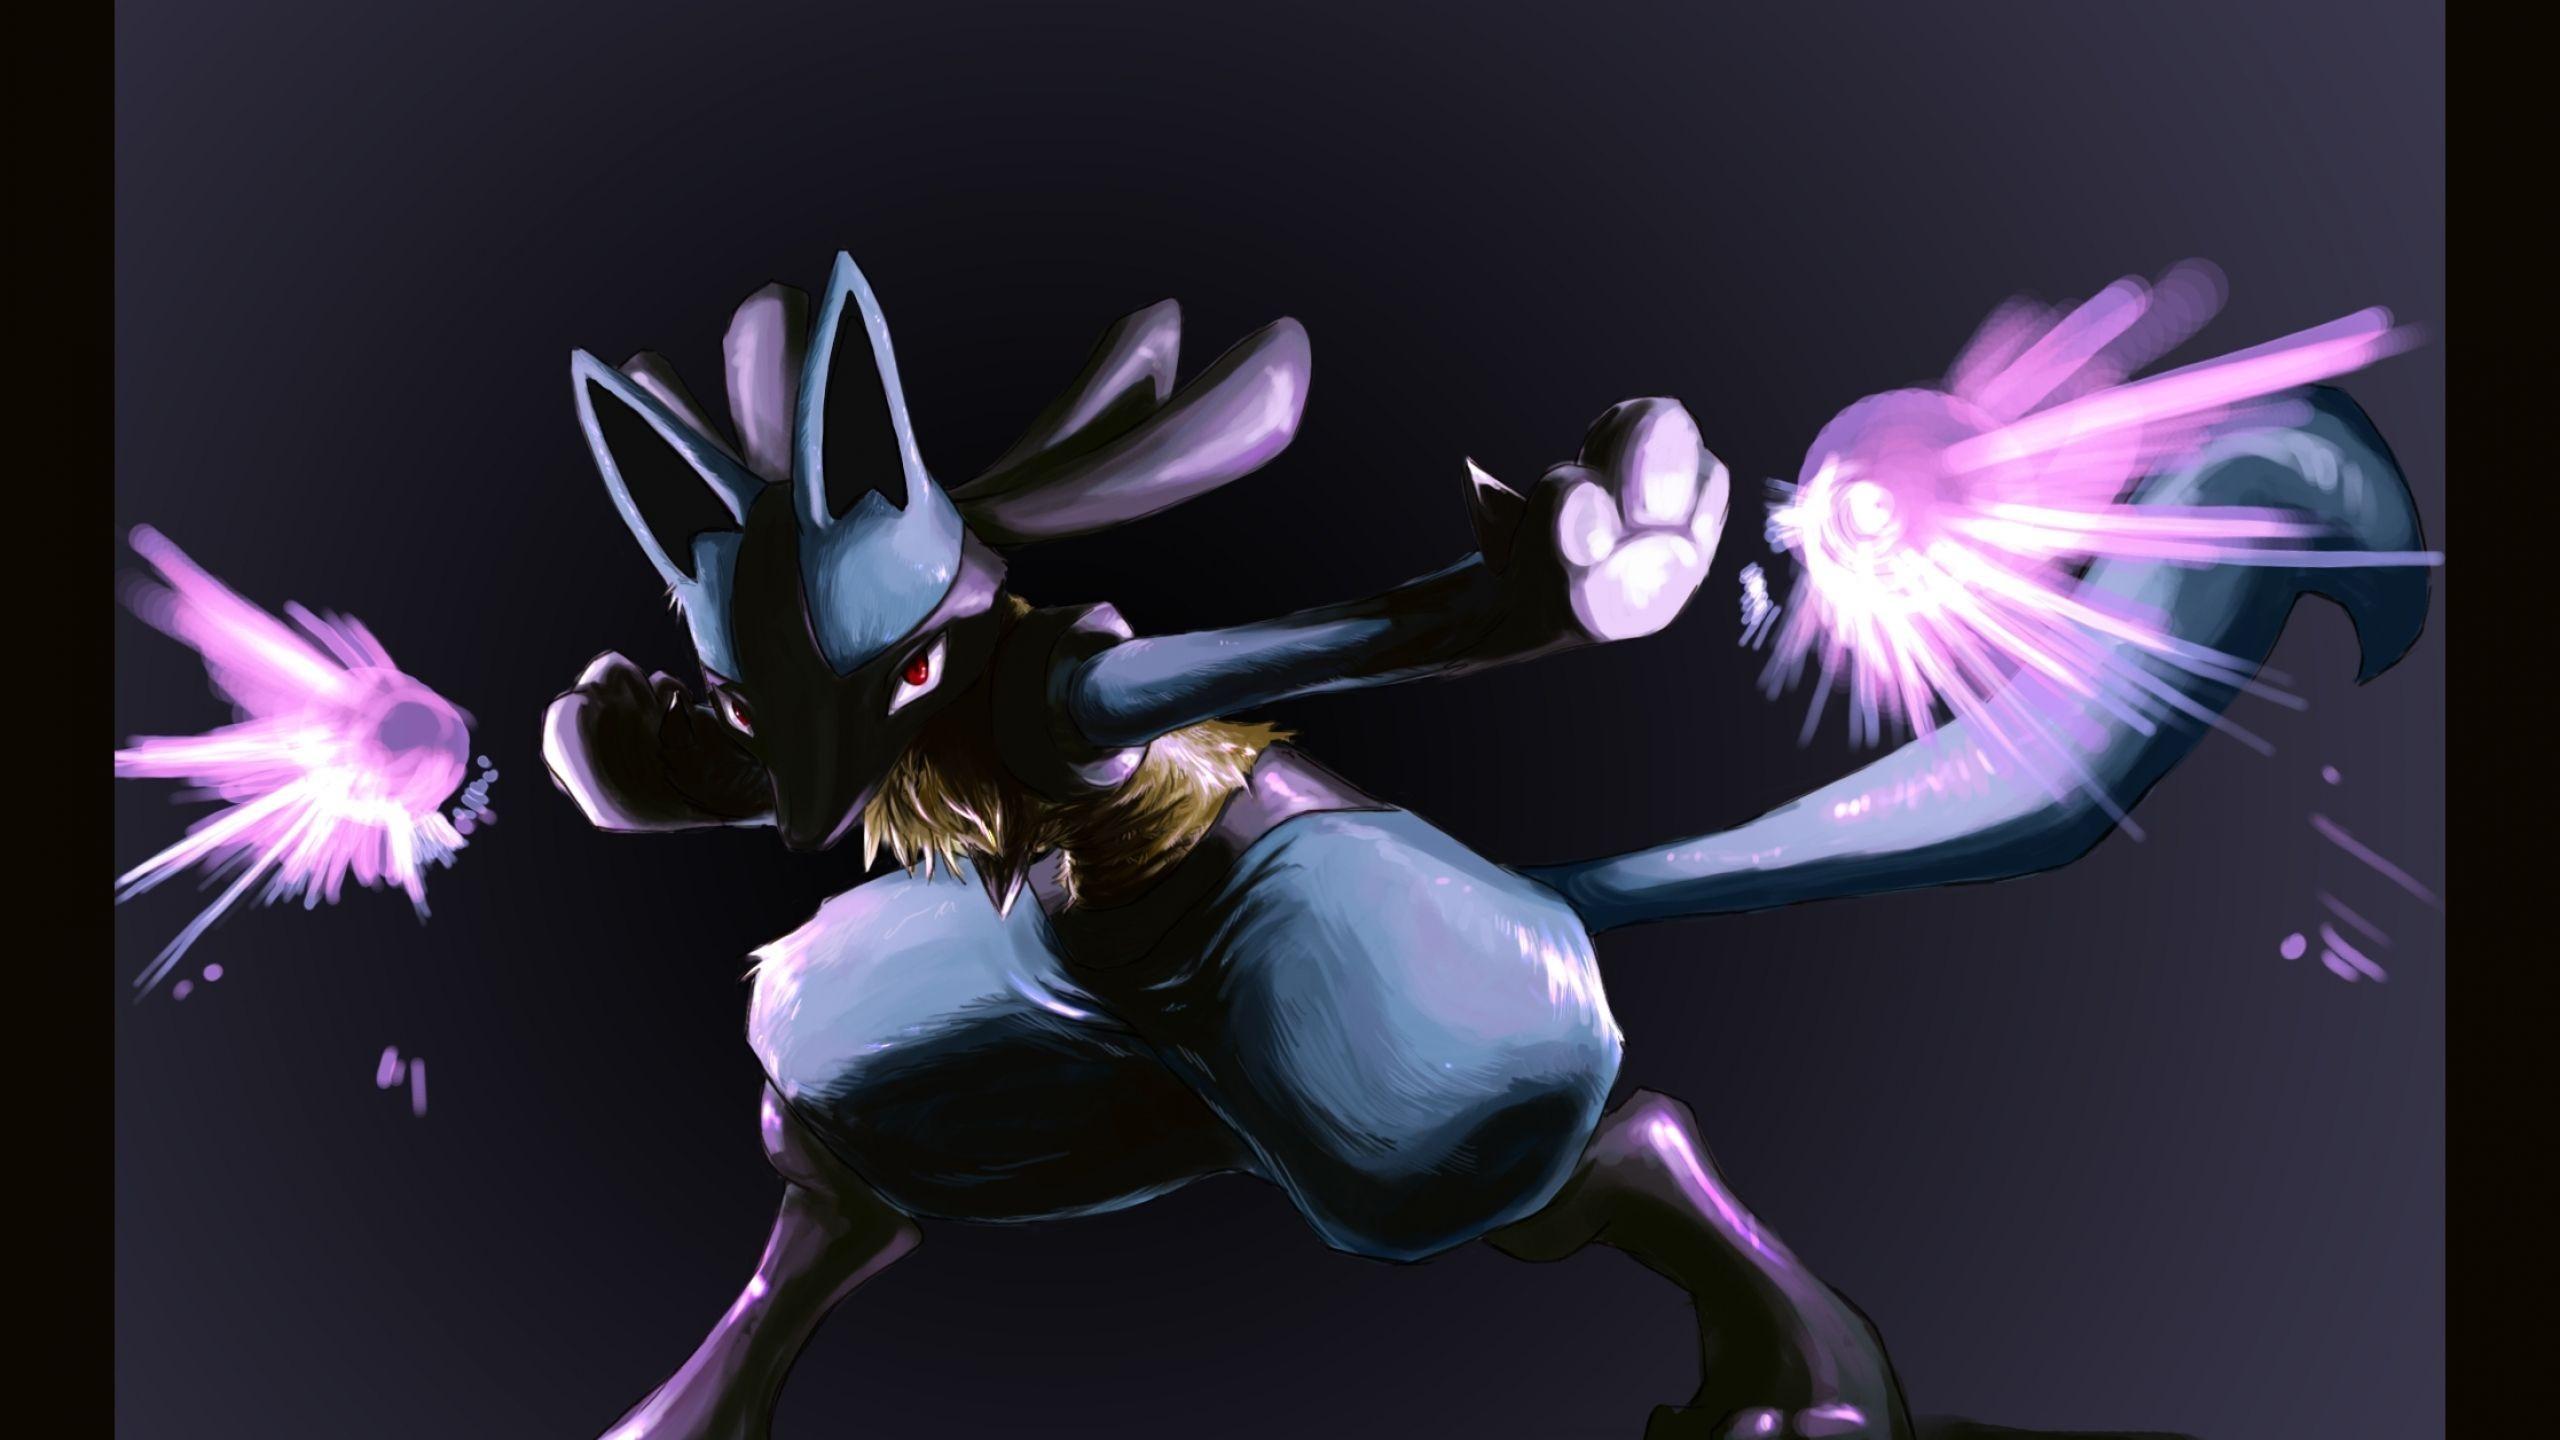 wallpaper.wiki-Pokemon-Lucario-Wallpaper-Free-Download-PIC-